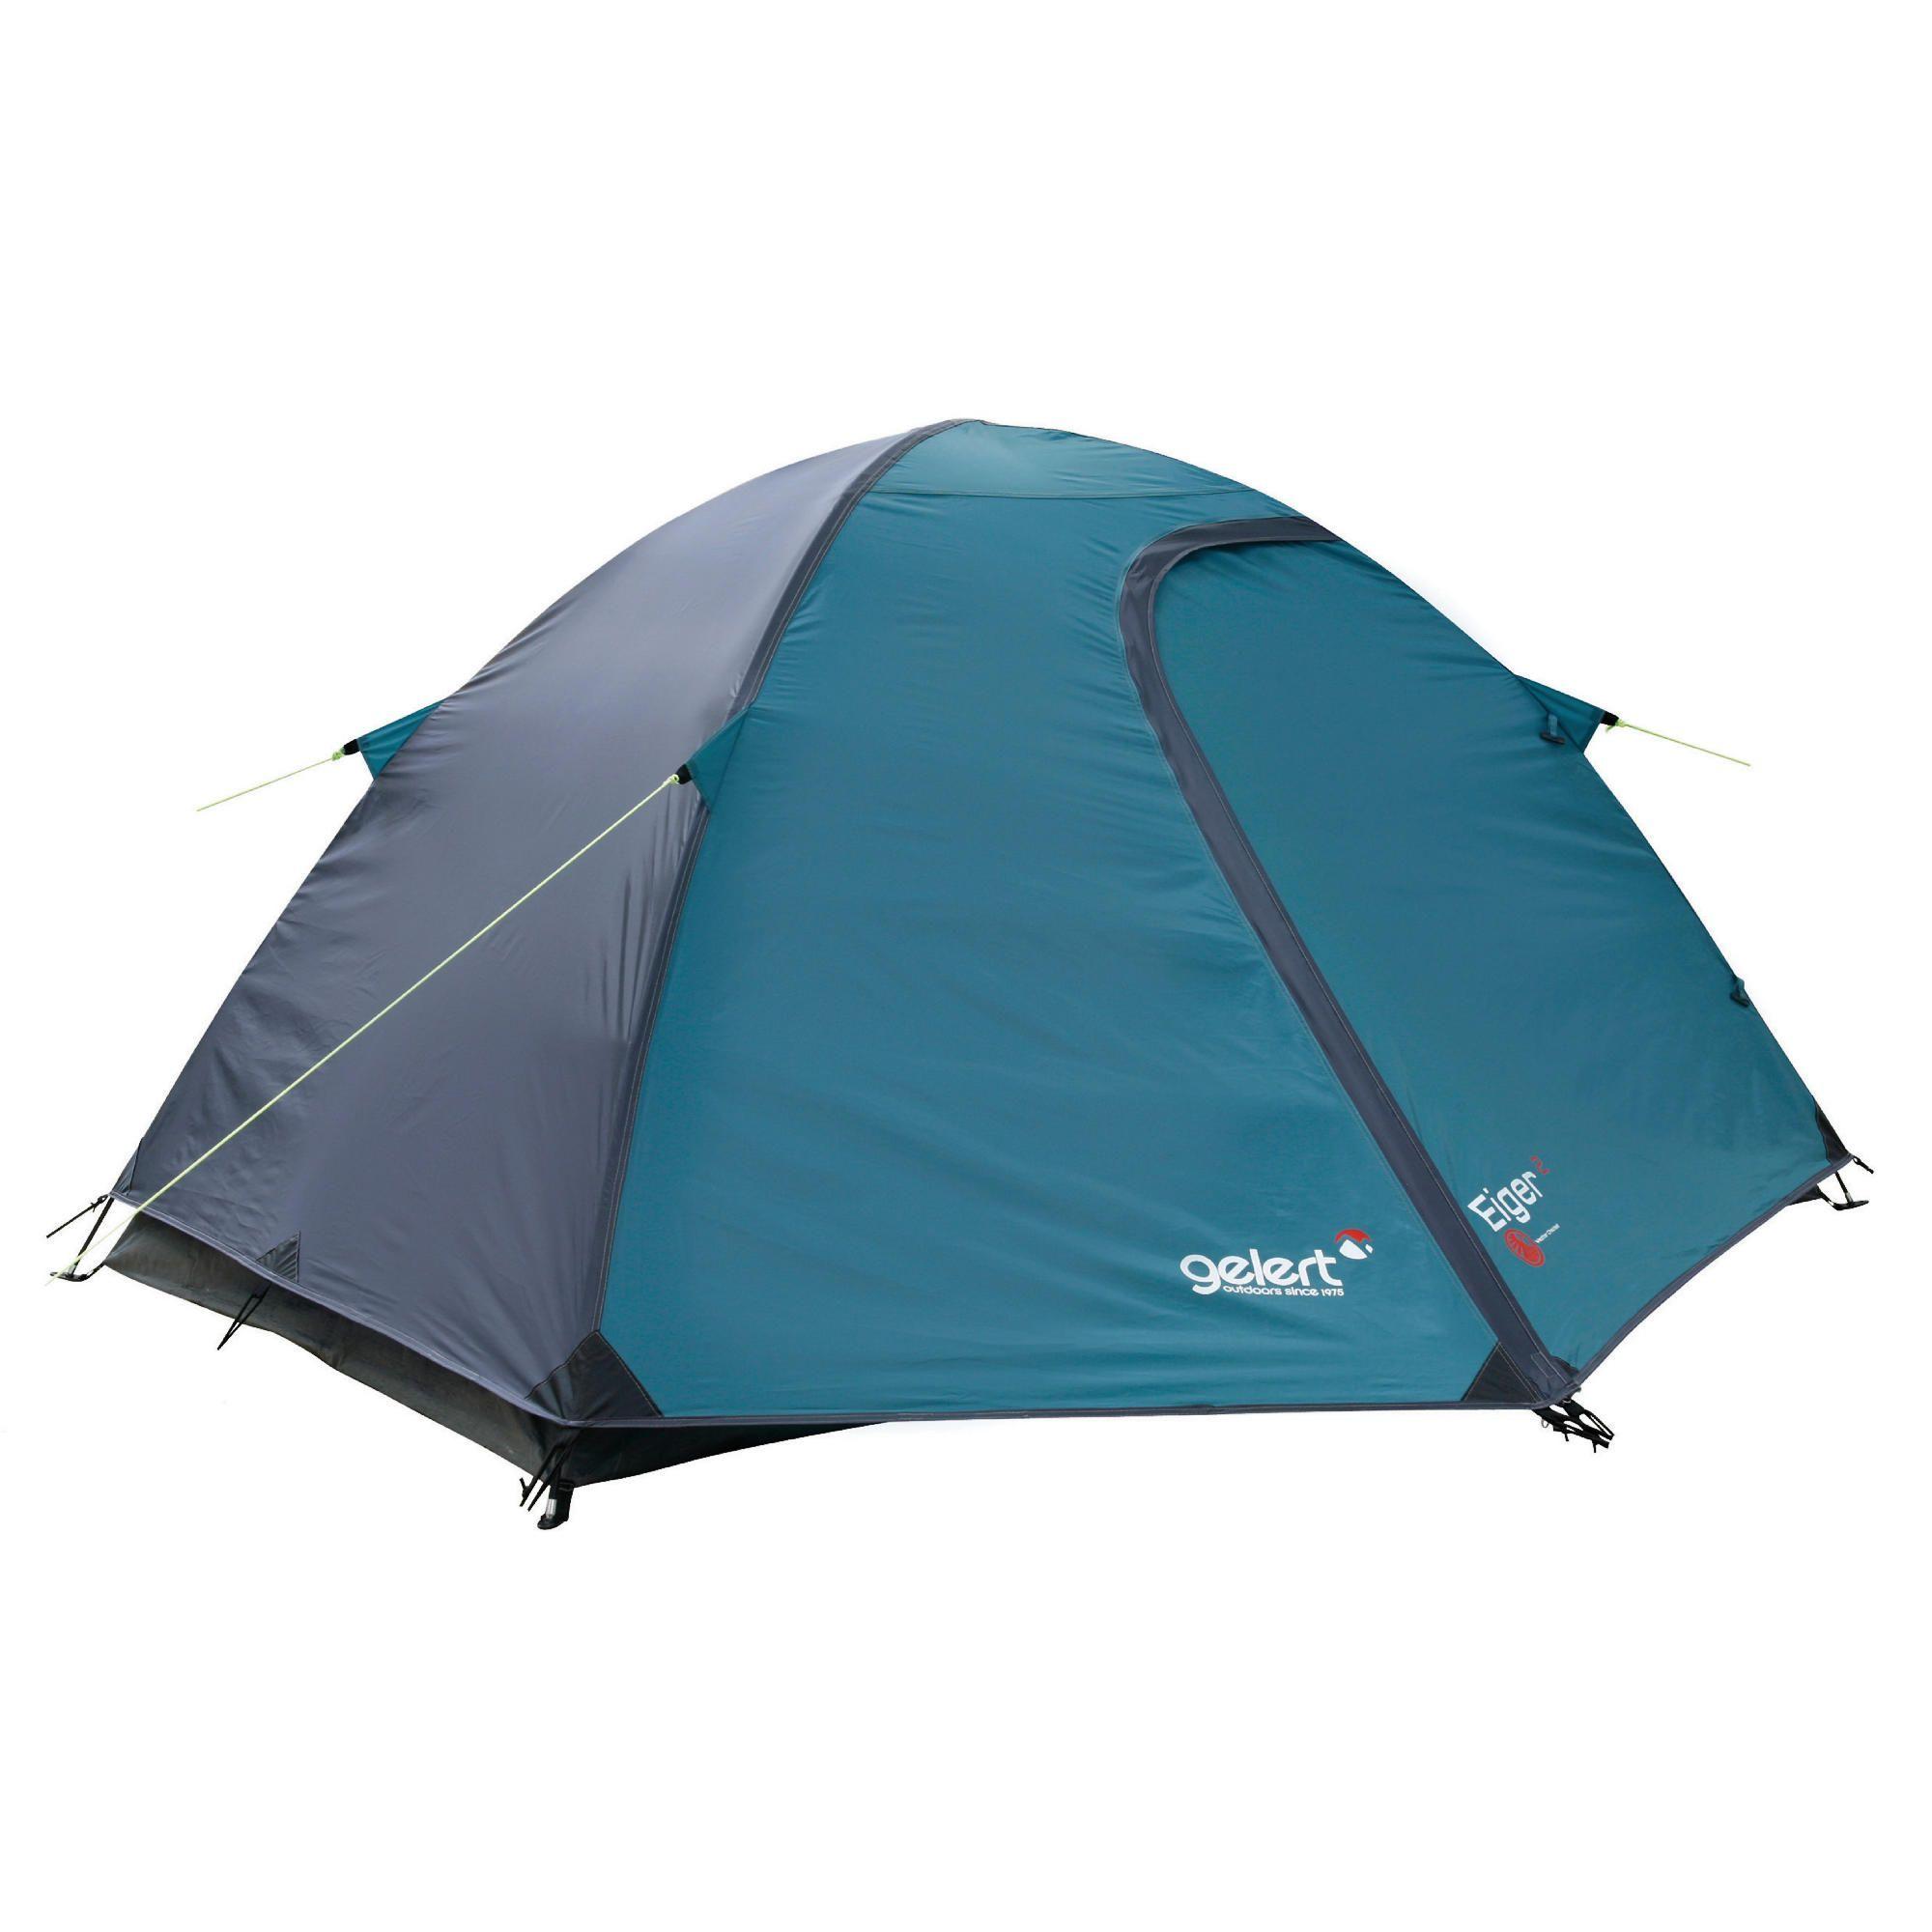 Gelert Eiger 2 Man Dome Tent Charcoal  sc 1 st  Pinterest & Gelert Eiger 2 Man Dome Tent Charcoal | Random Things | Pinterest ...